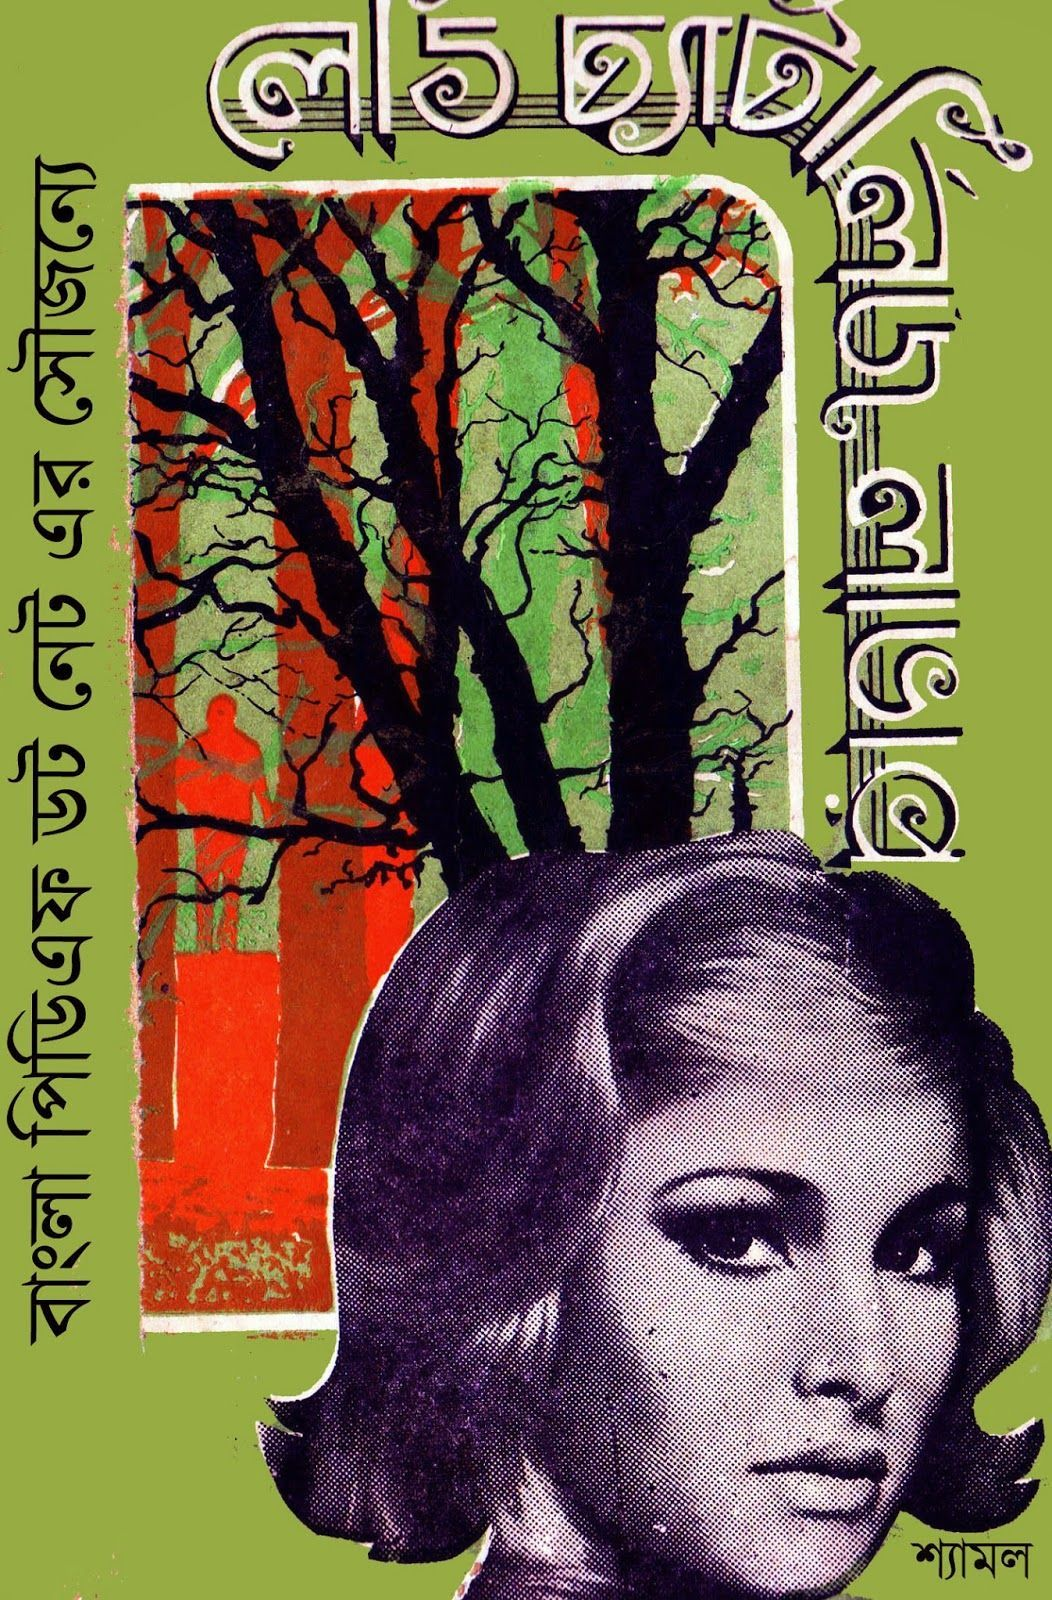 Free Download Bangla Pdf E Book  ���াউনলোড ���াংলা ���ই: Lady Chatterley's  Lover (